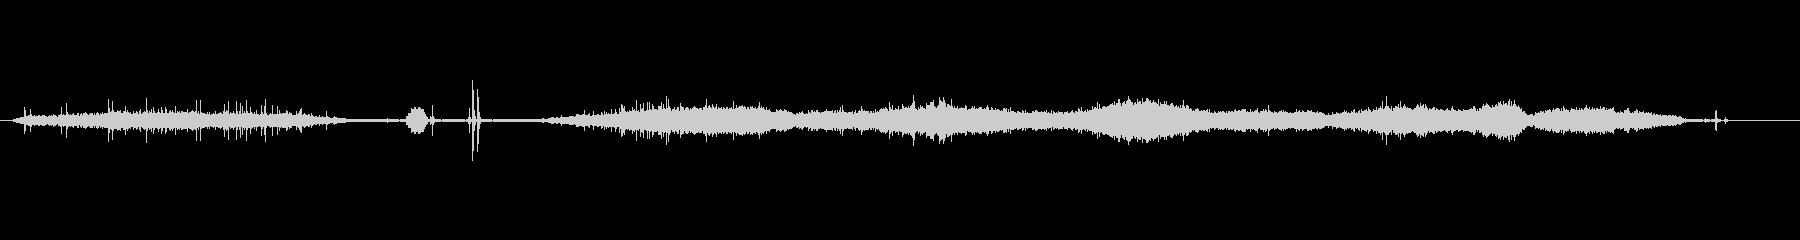 モデルトレイントラック; DIGI...の未再生の波形